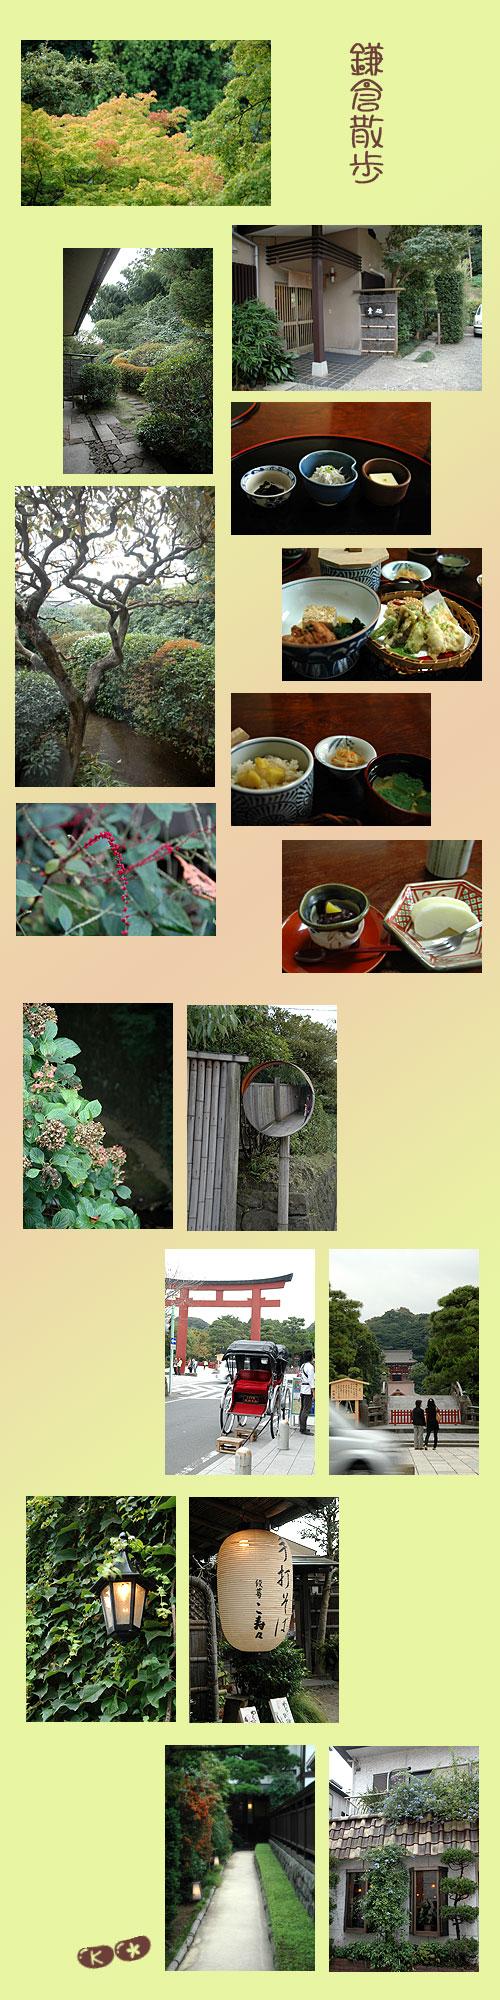 10月16日鎌倉2